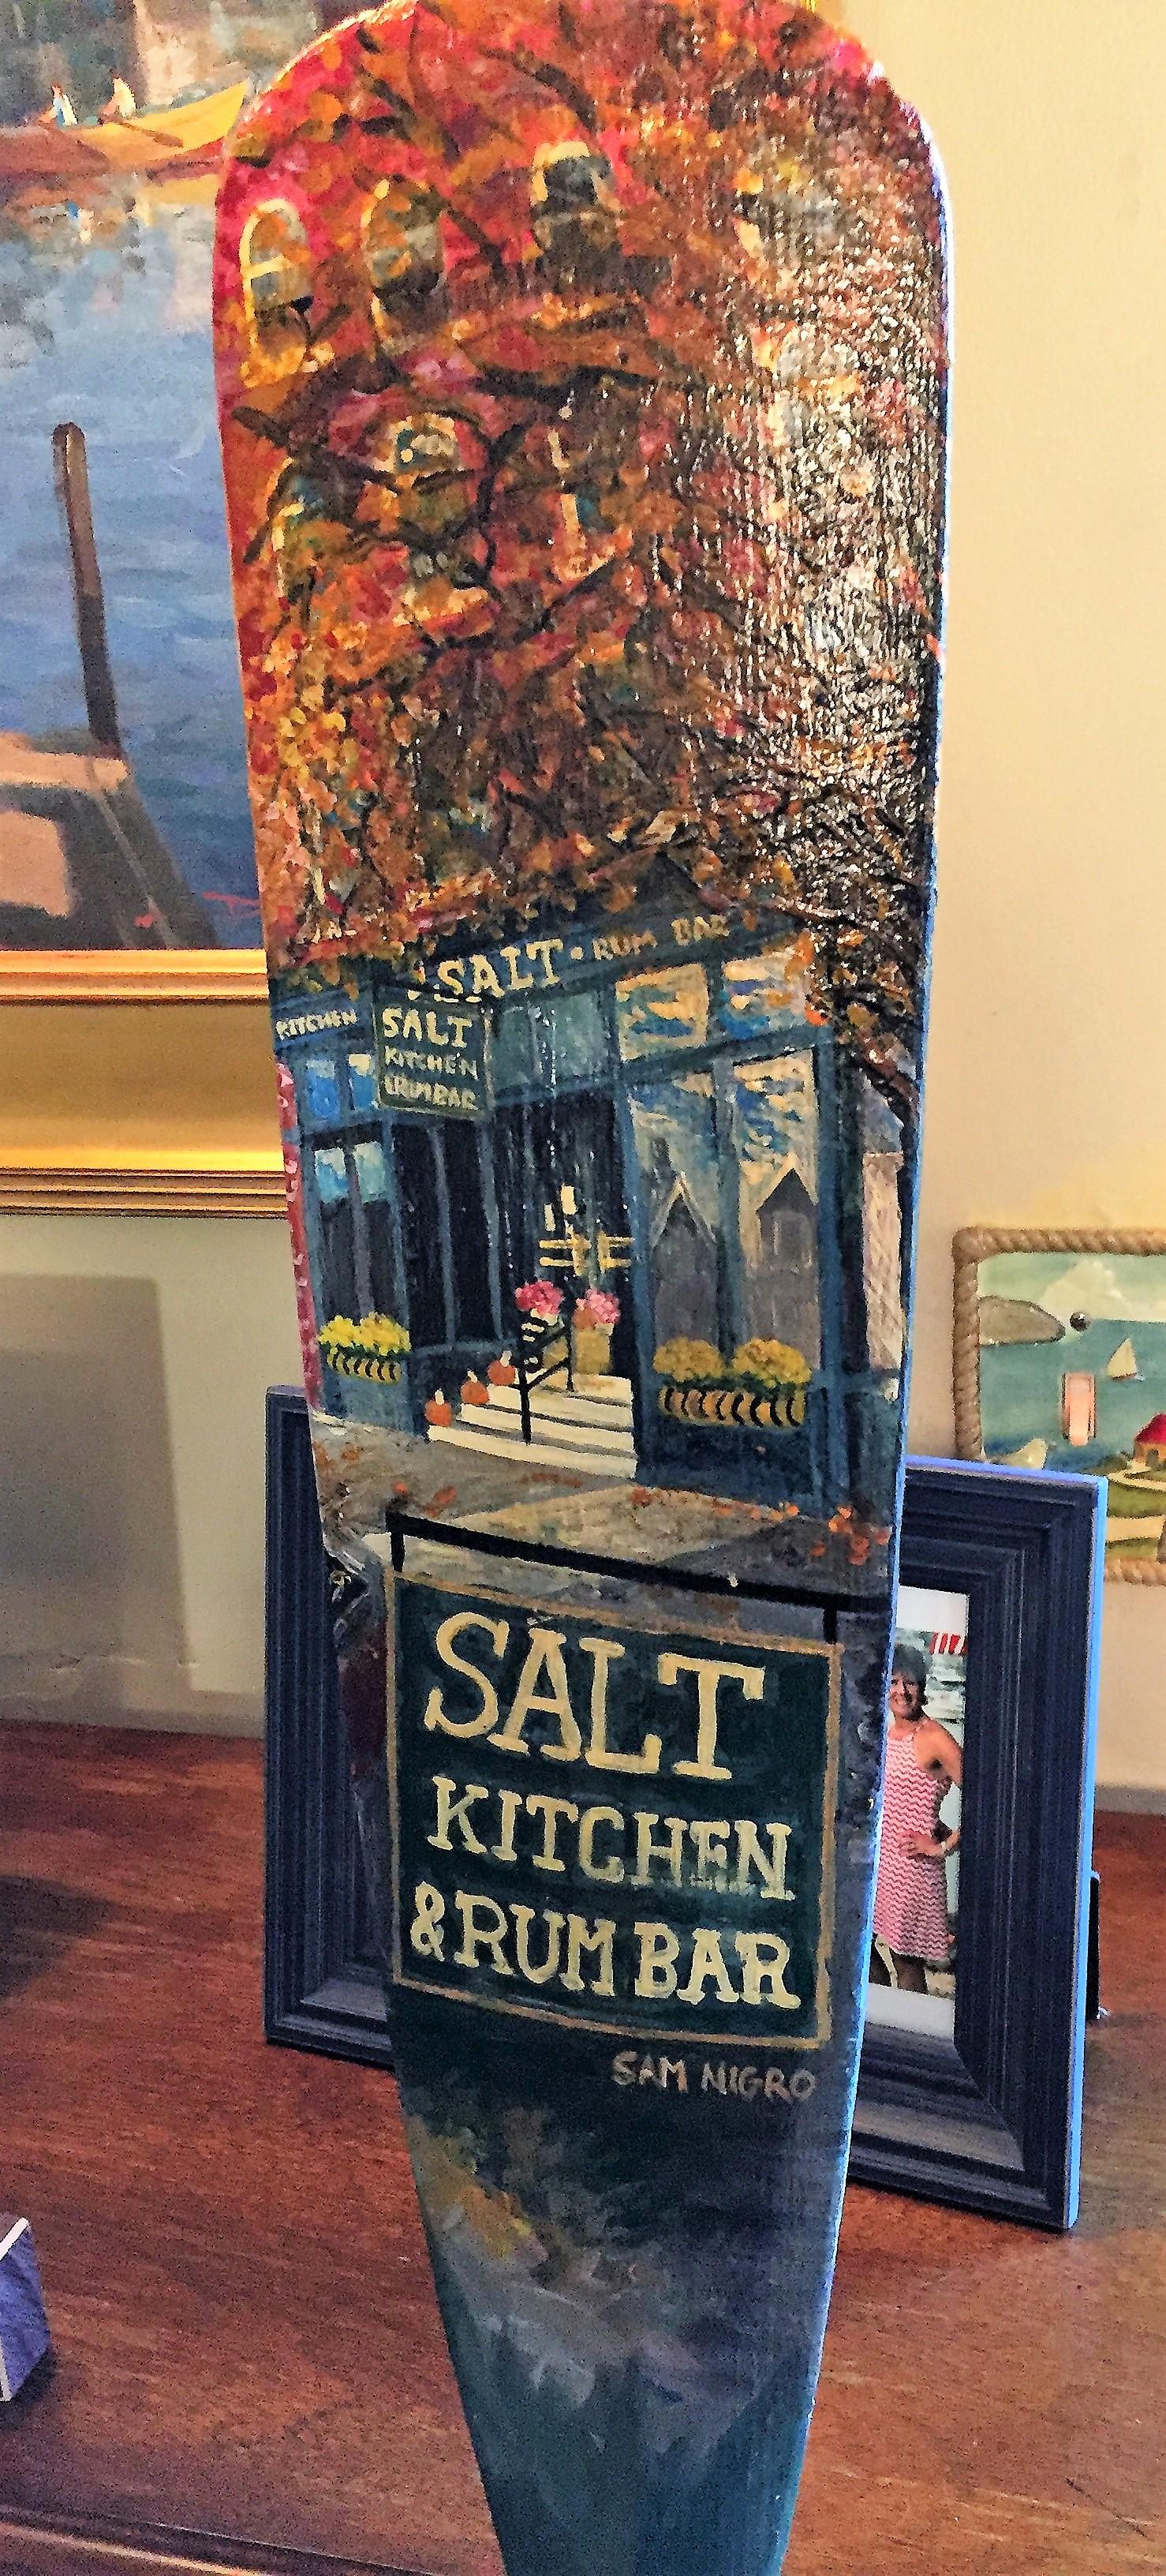 Salt Kitchen & Rum Bar